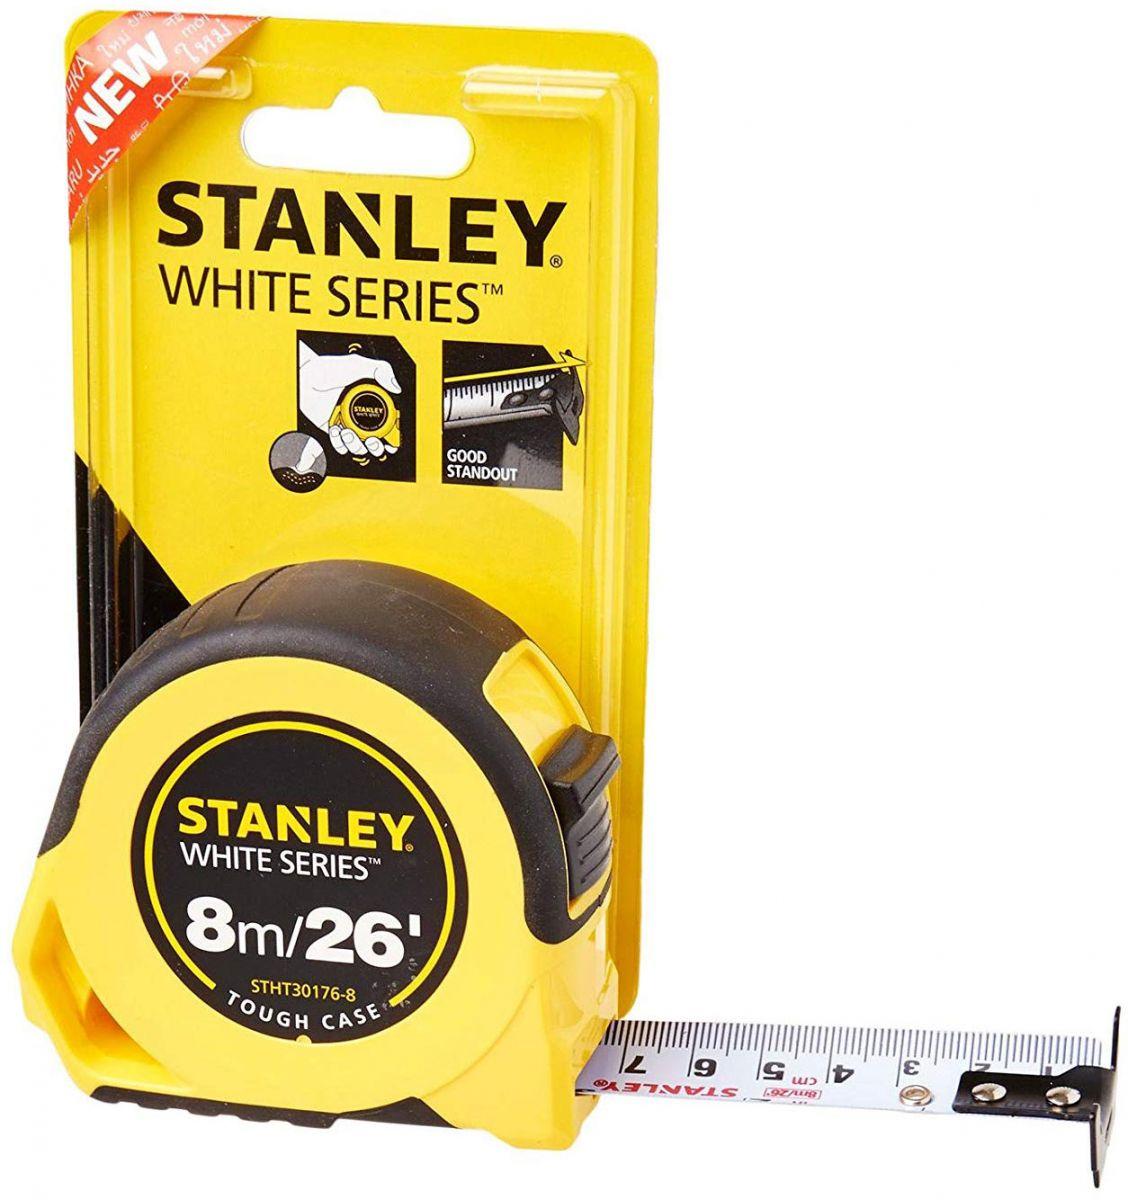 Thước cuộn 8m/26'-25mm Stanley STHT30176-8 STHT30176-8 Stanley | Giá rẻ nhất - Công Ty TNHH Thương Mại Dịch Vụ Đạt Tâm